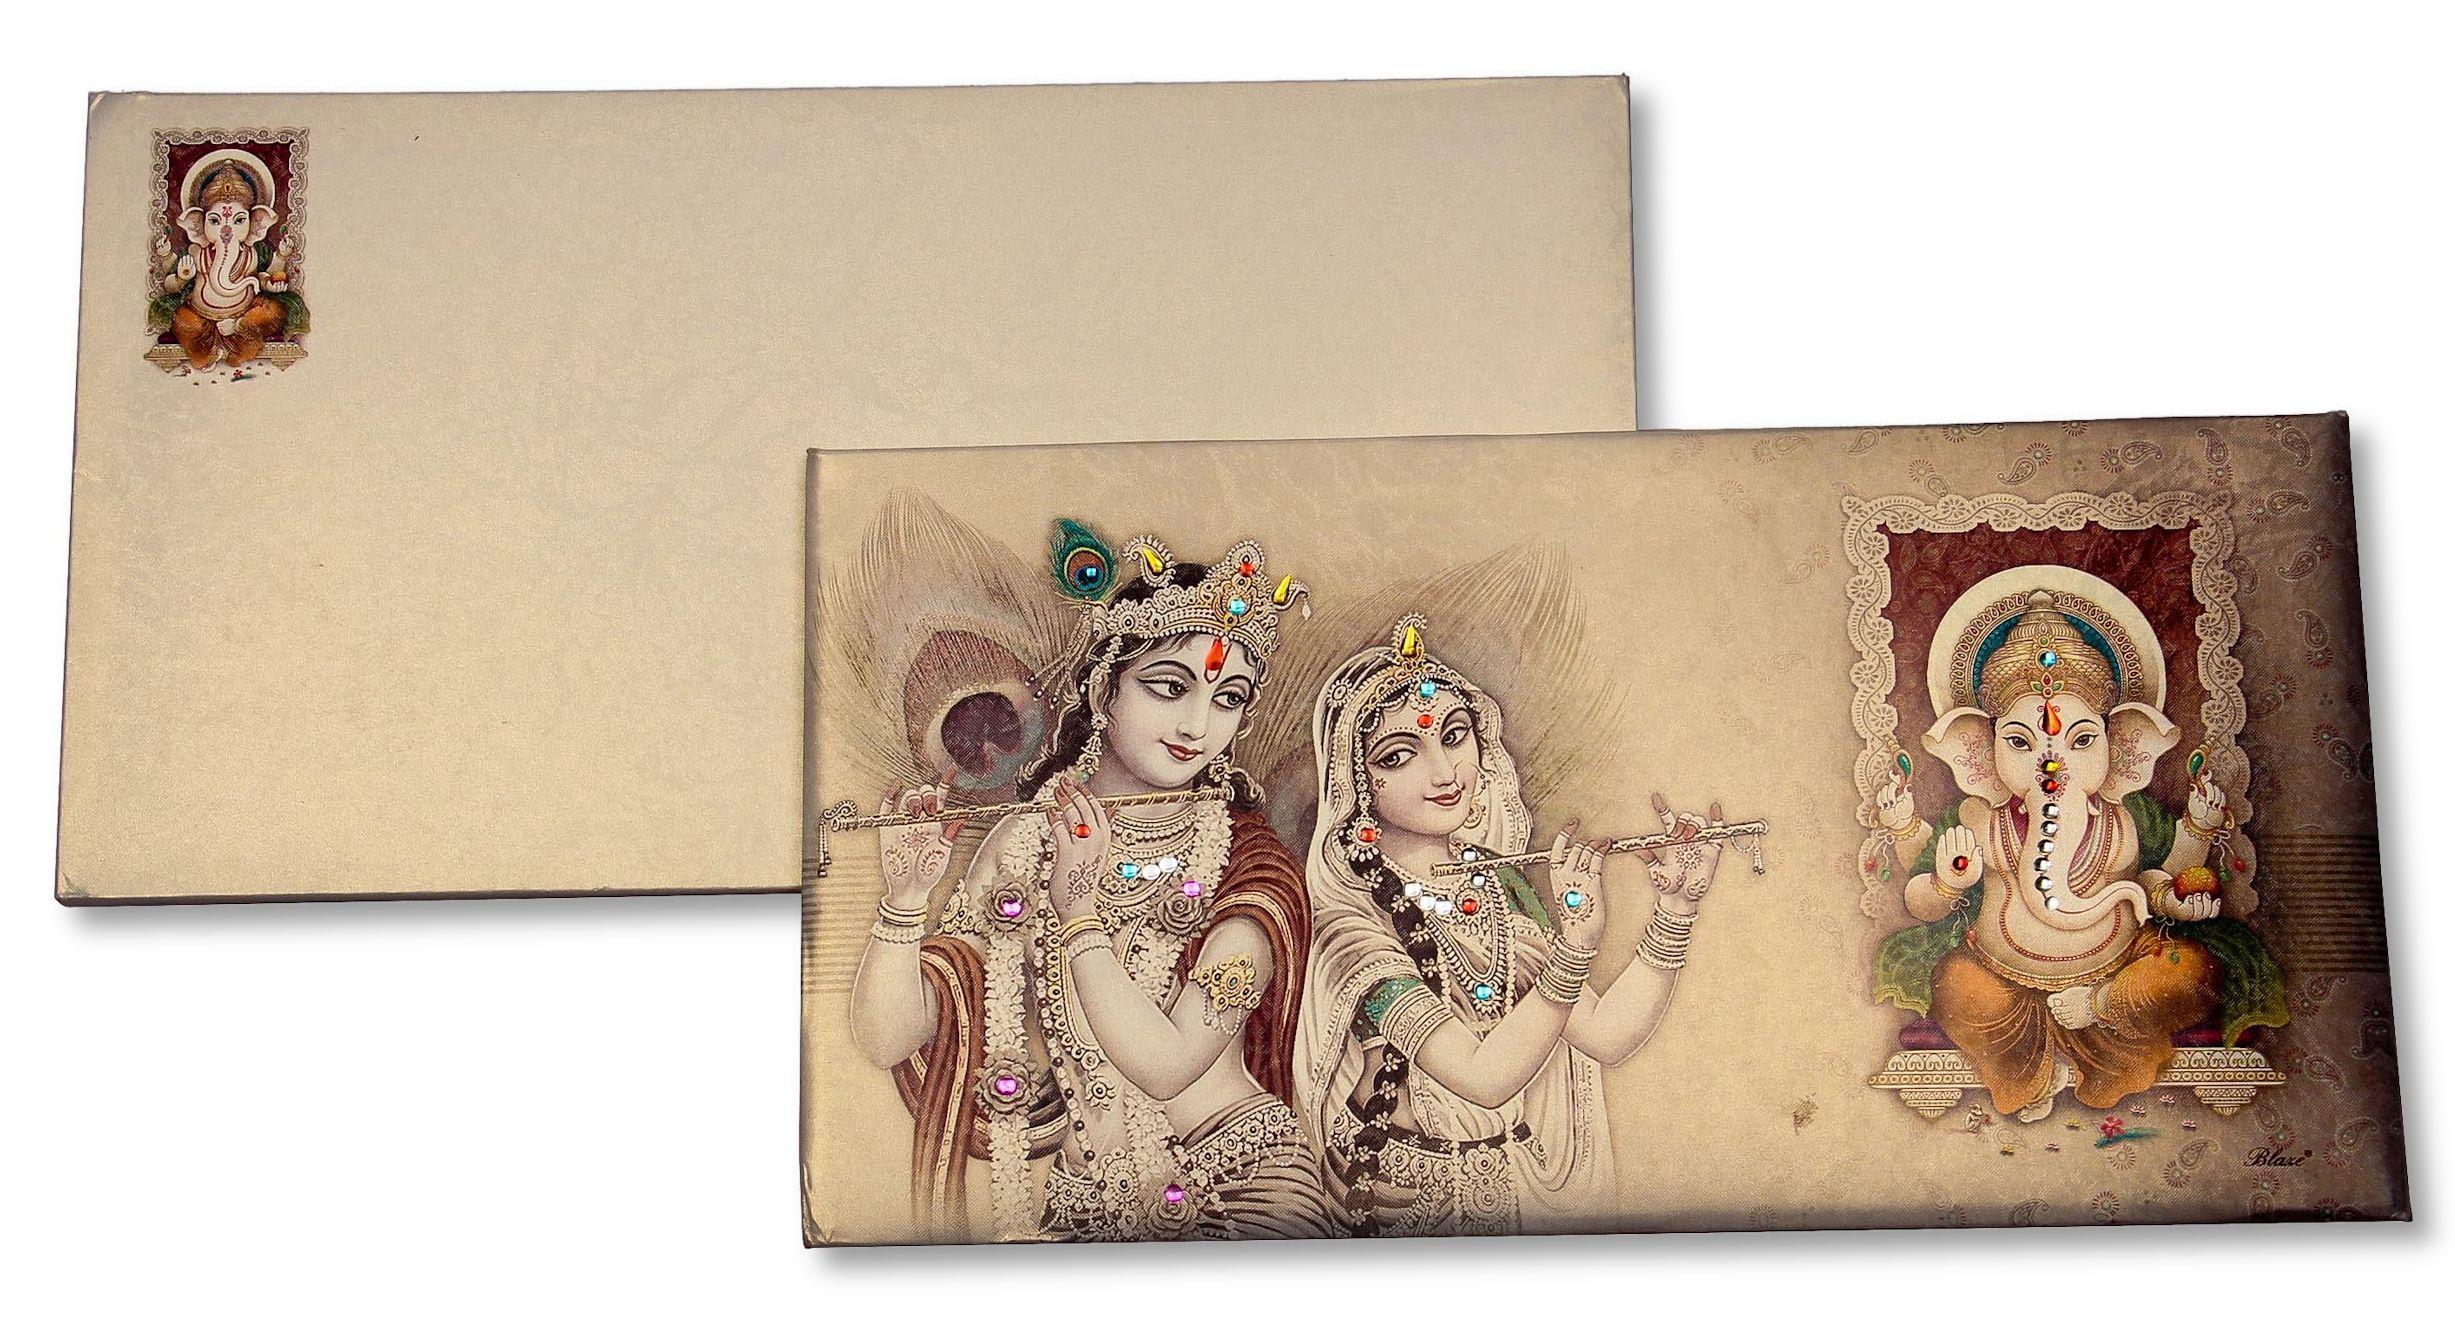 indian wedding invitation Premium hindu wedding invitation cards prabhat wedding cards